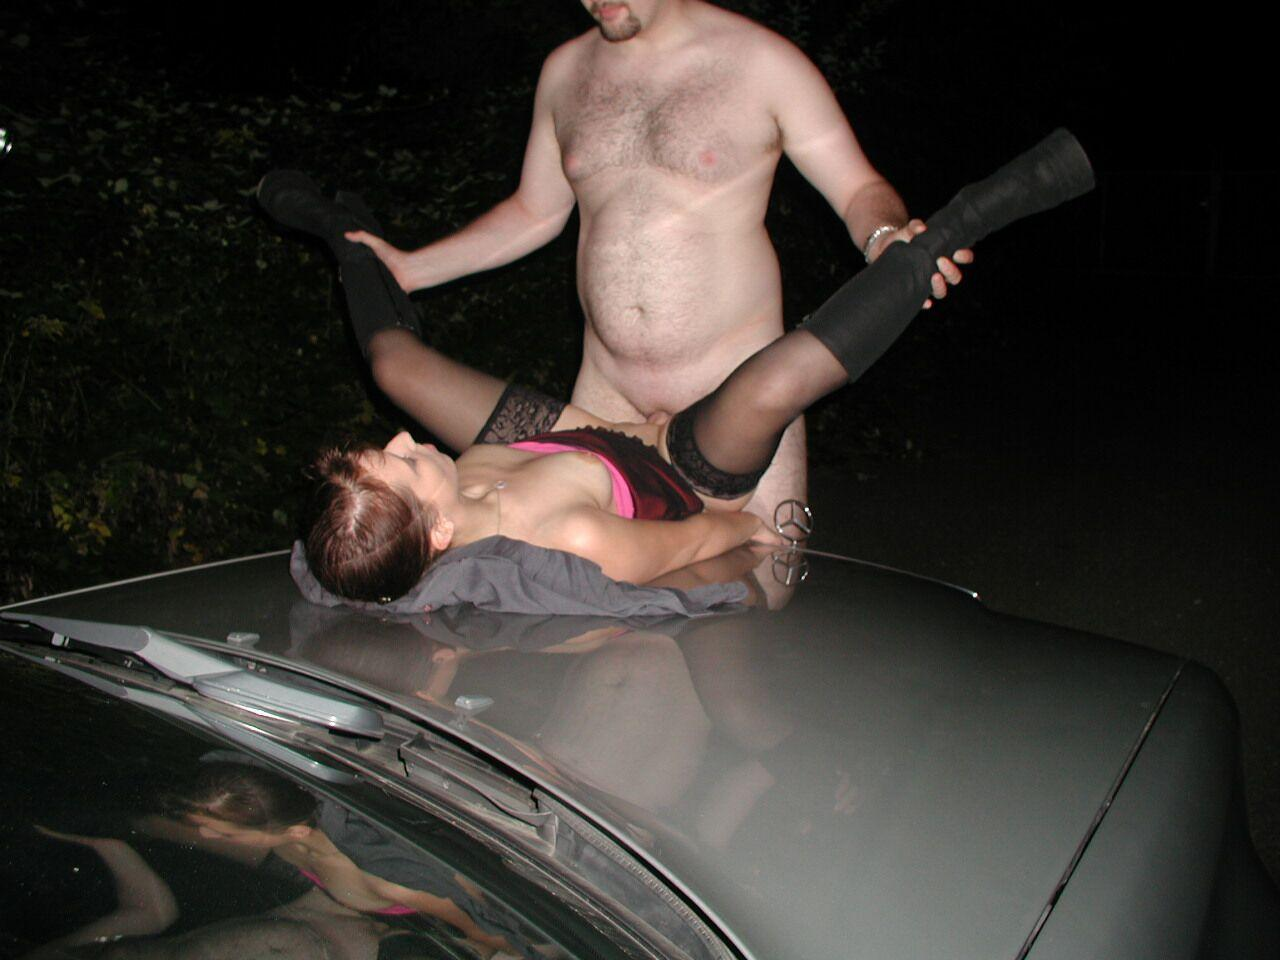 Фото секс машин с бабами, Порно фото секс машины, секс с машинами фото 9 фотография